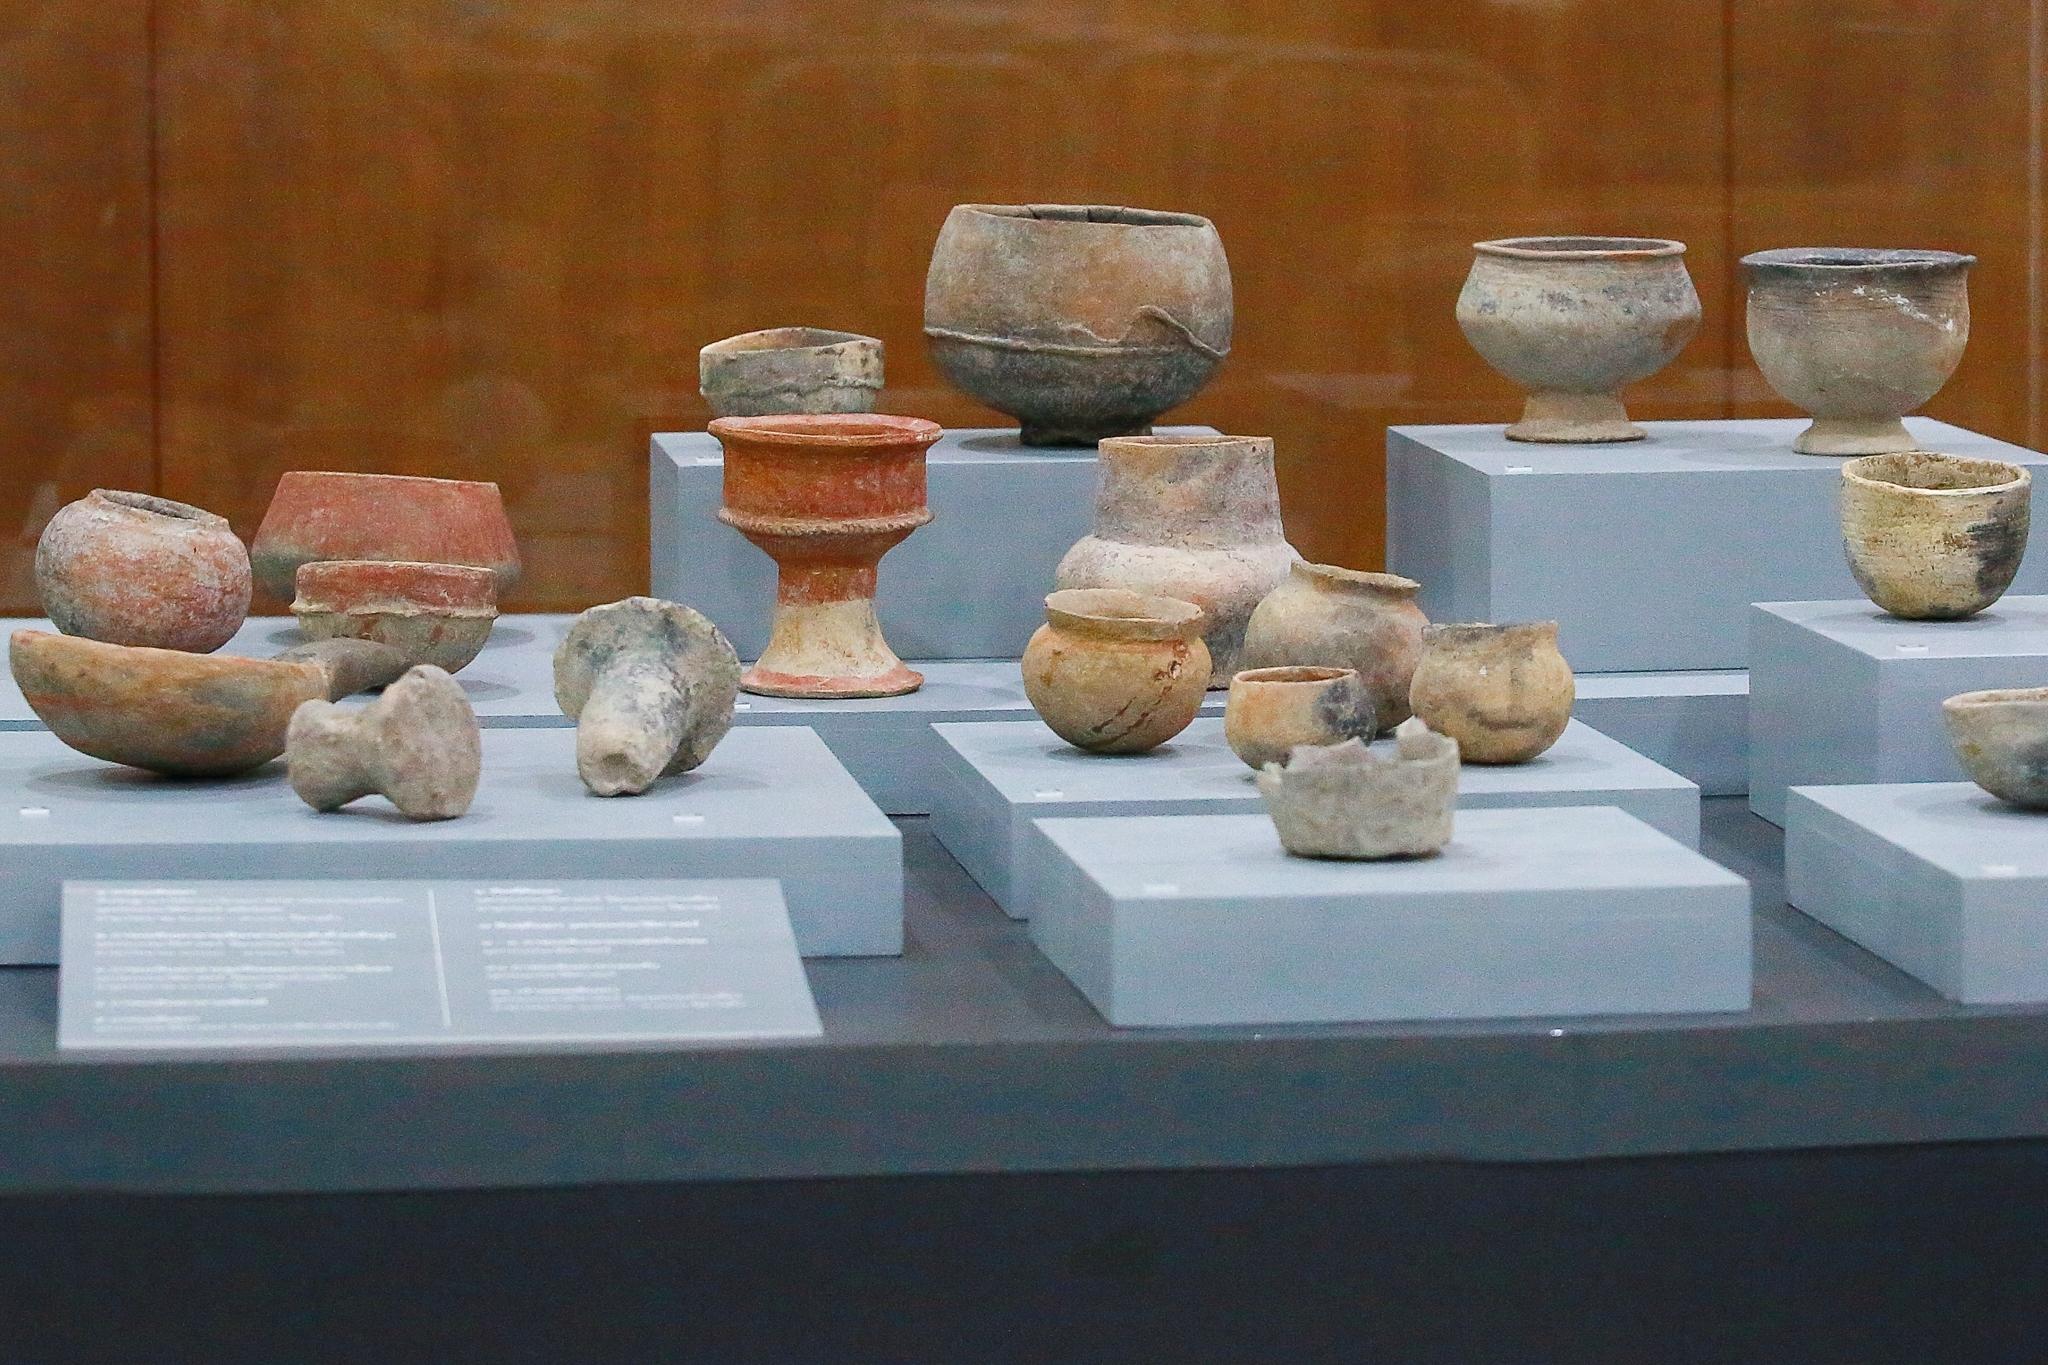 กรมศิลปากร สหรัฐอเมริกา โบราณวัตถุ